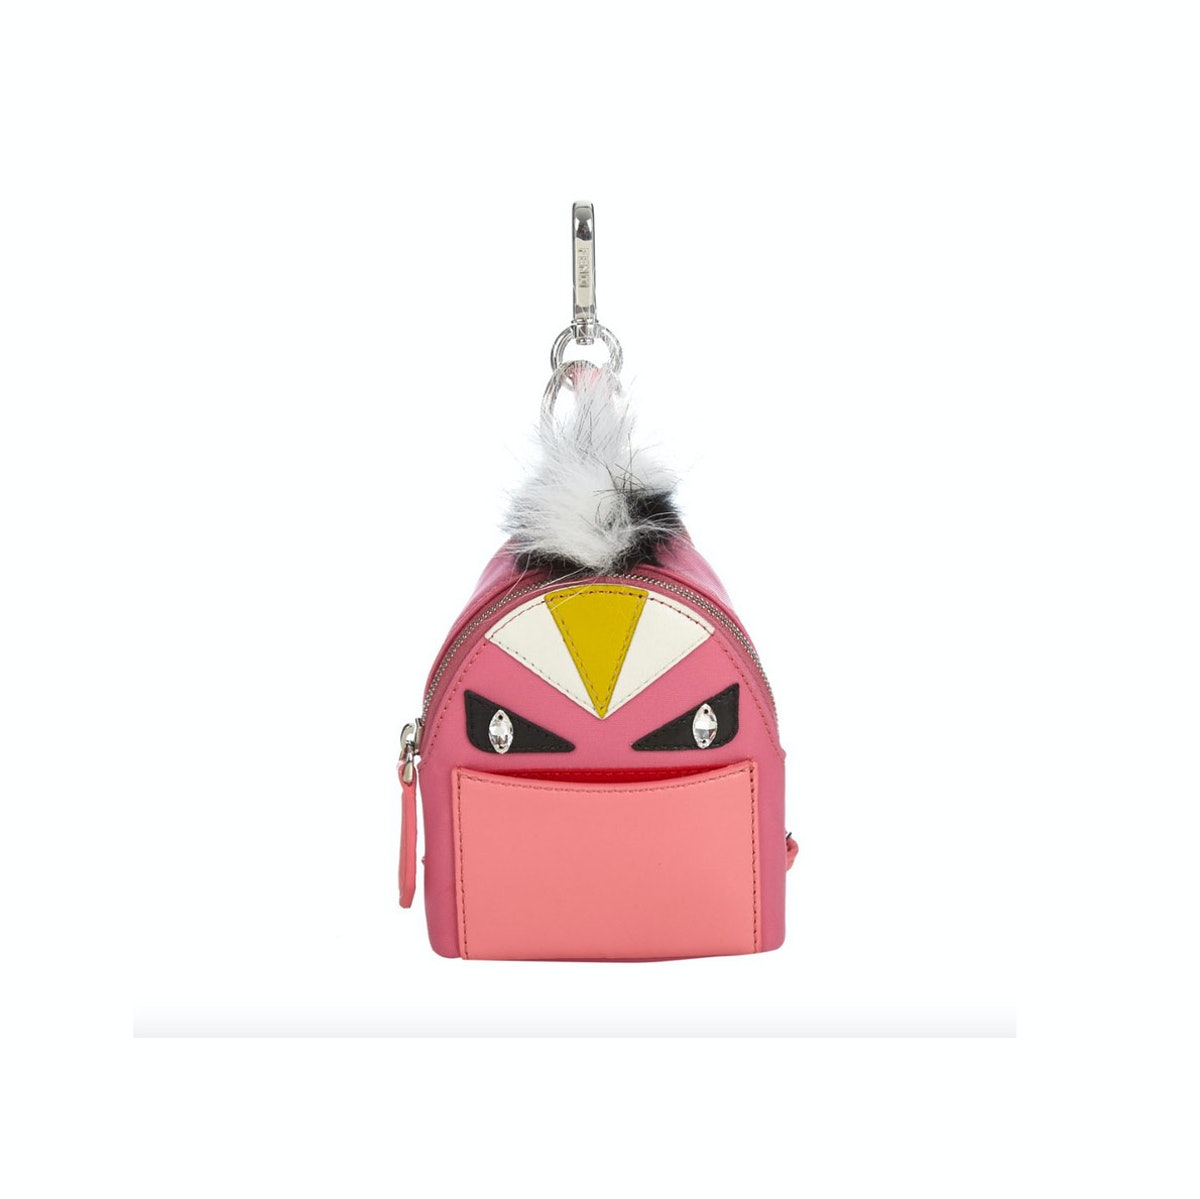 Fendi-bag-charm,-$851,-